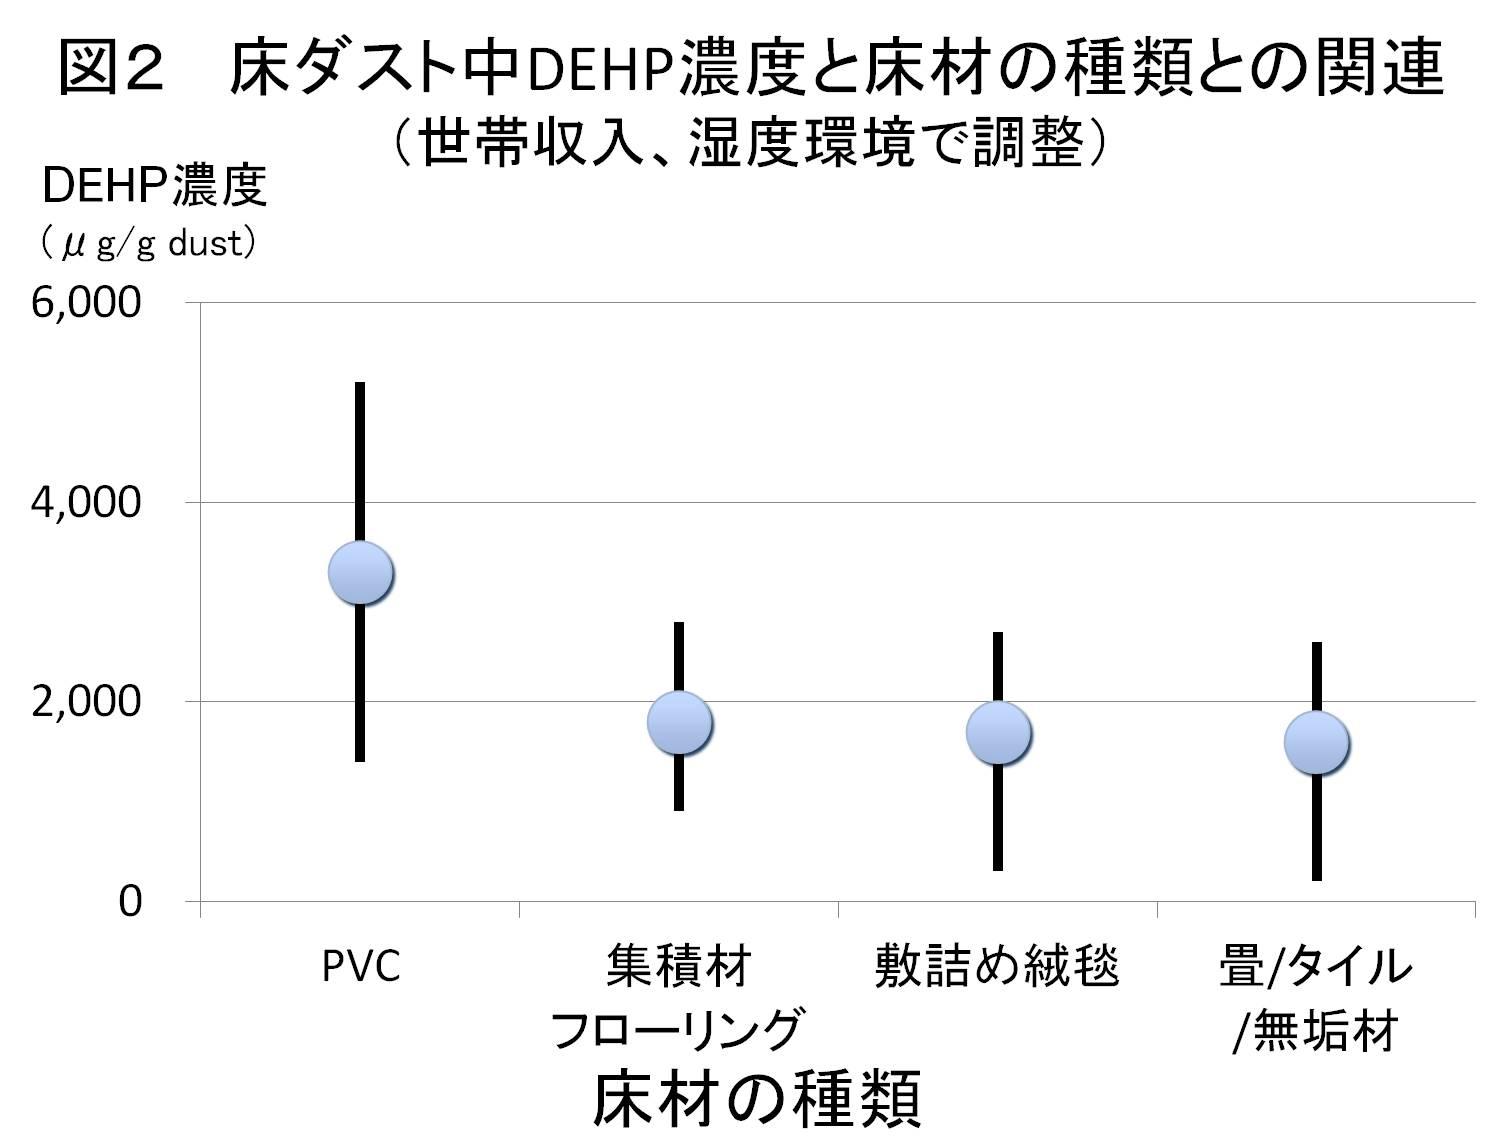 図2床ダスト中DEHP濃度と床材の種類との関連